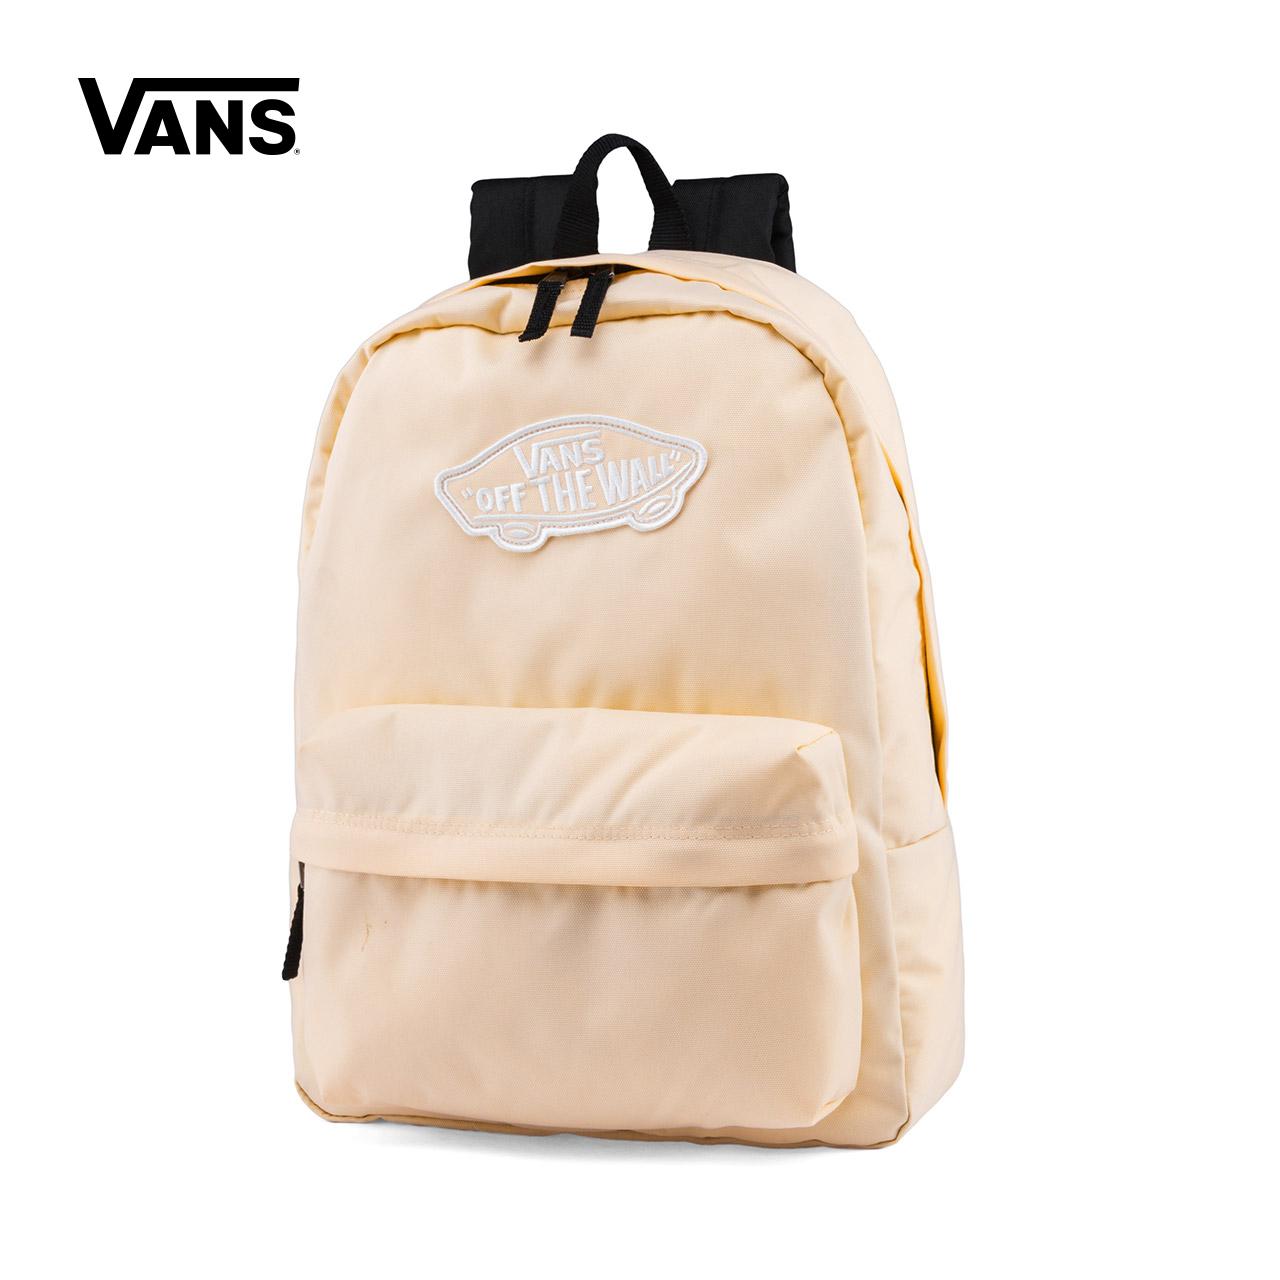 Vans 范斯官方女款淡粉色背包|VN0A3UI6YDU